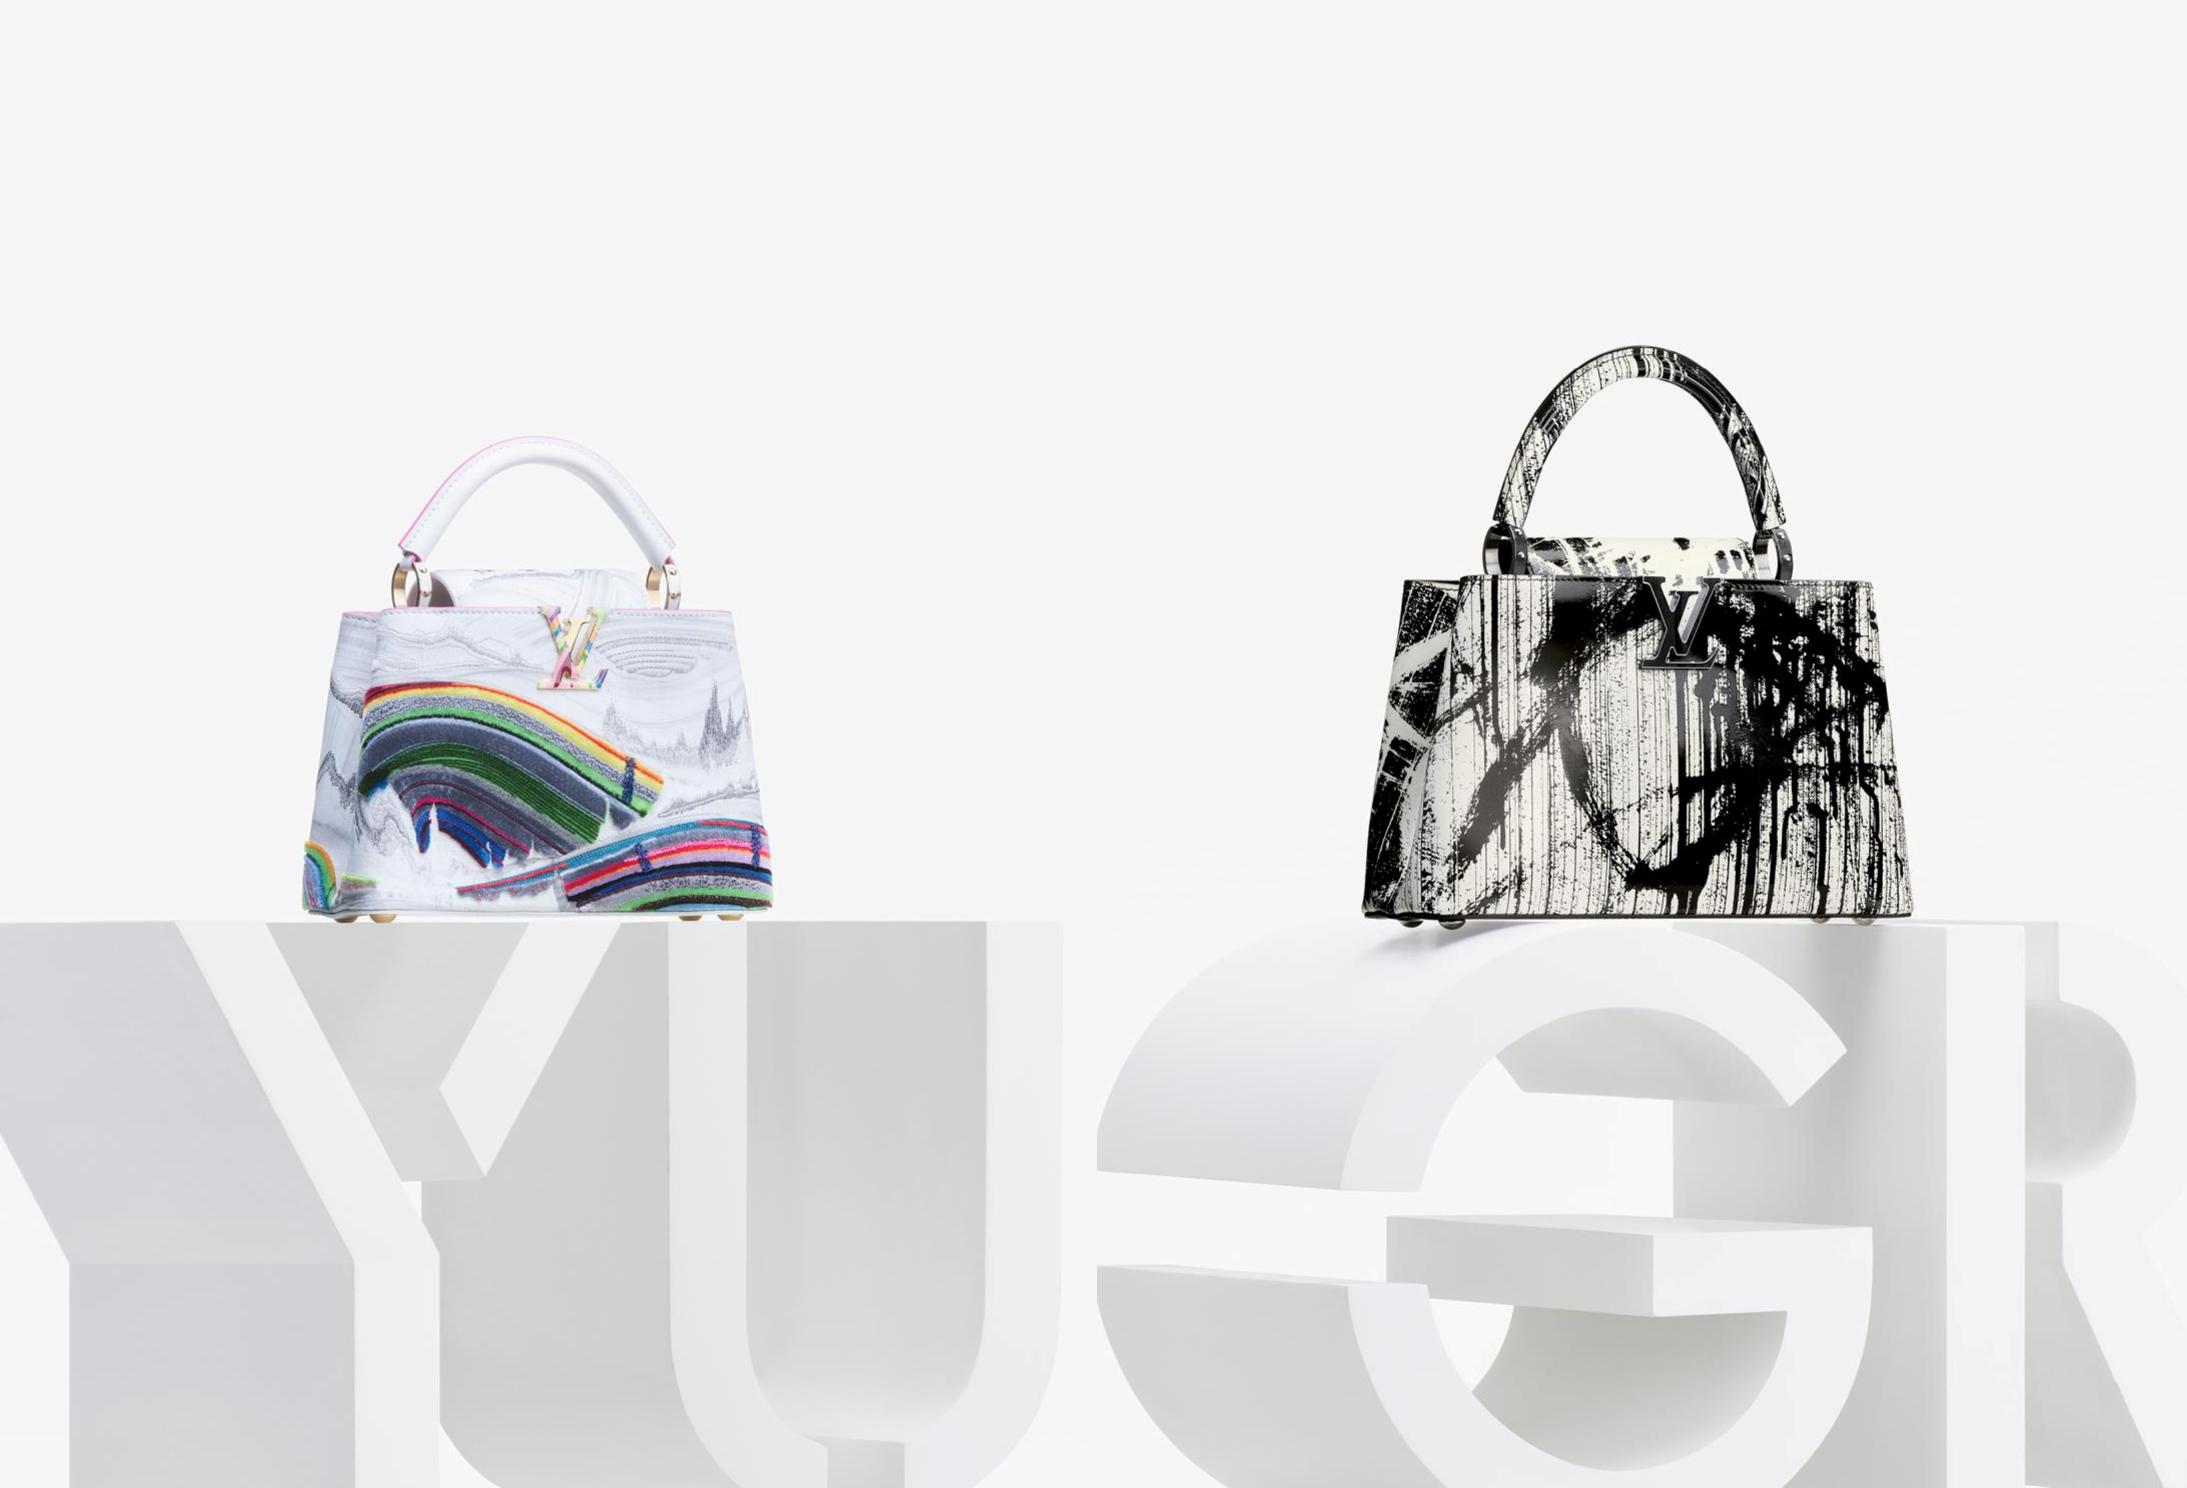 Hai thiết kế ấn tượng đến từ Huang Yuxing và Gregor Hildebrandt. Ảnh: Louis Vuitton